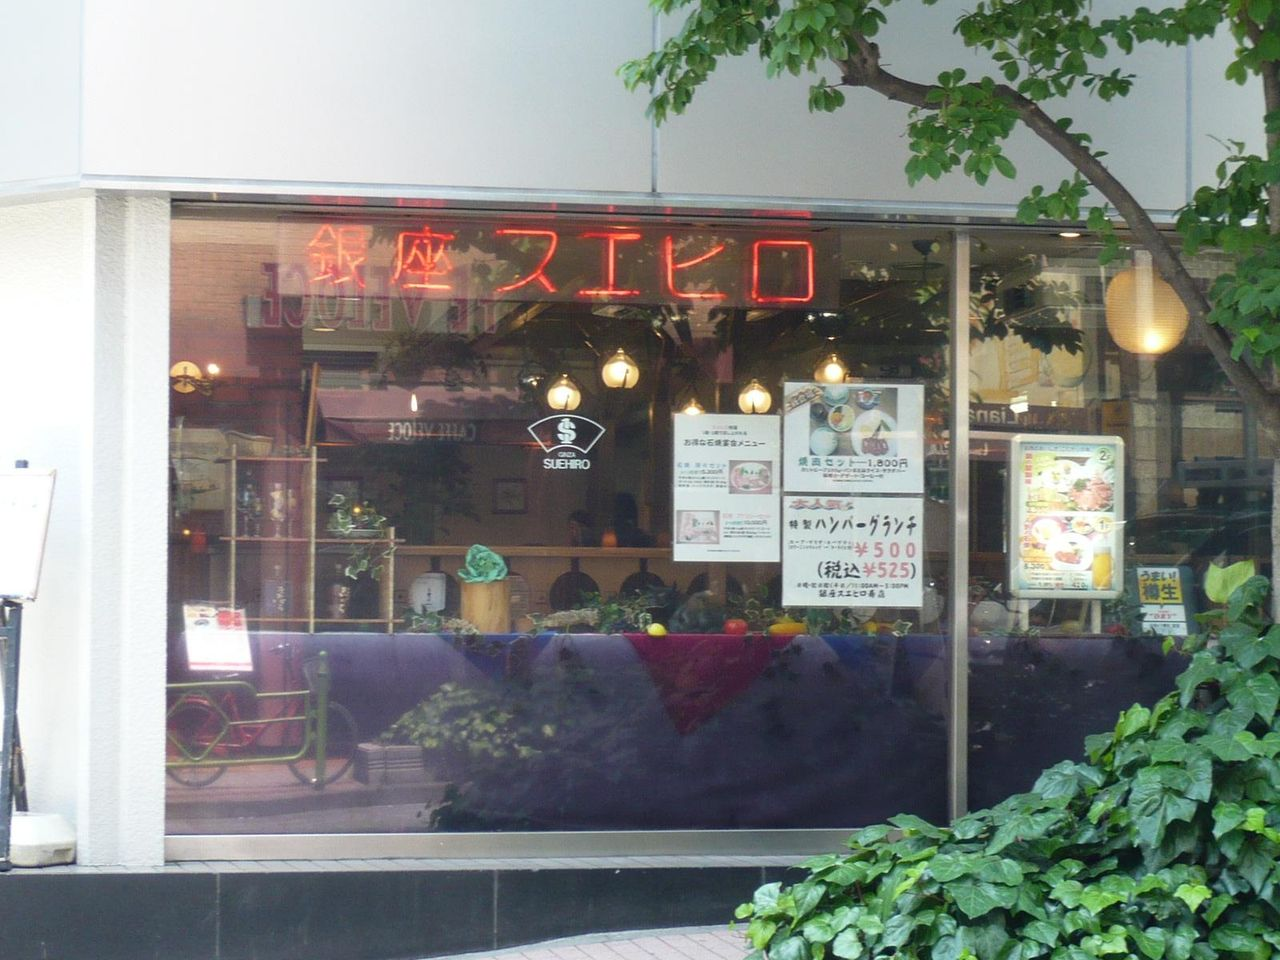 松坂屋の裏側、みゆき通り沿いにあります。